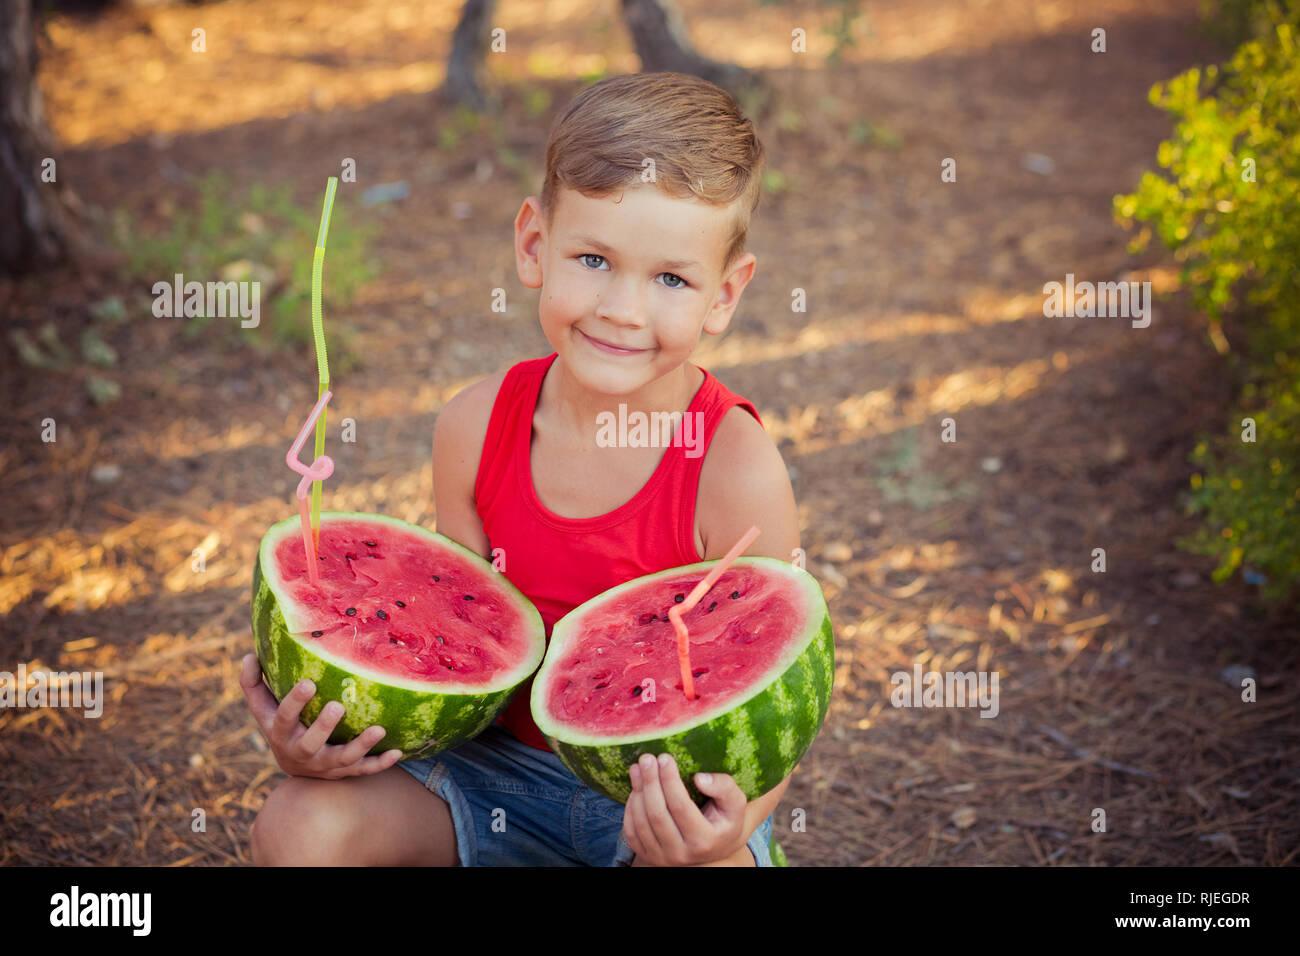 Schöner junge Kind im Central Park Wald Wiese mit Sommer frisch saftig rot grün Wassermelone mit Kunststoff cocktail Stroh posieren. Stockfoto